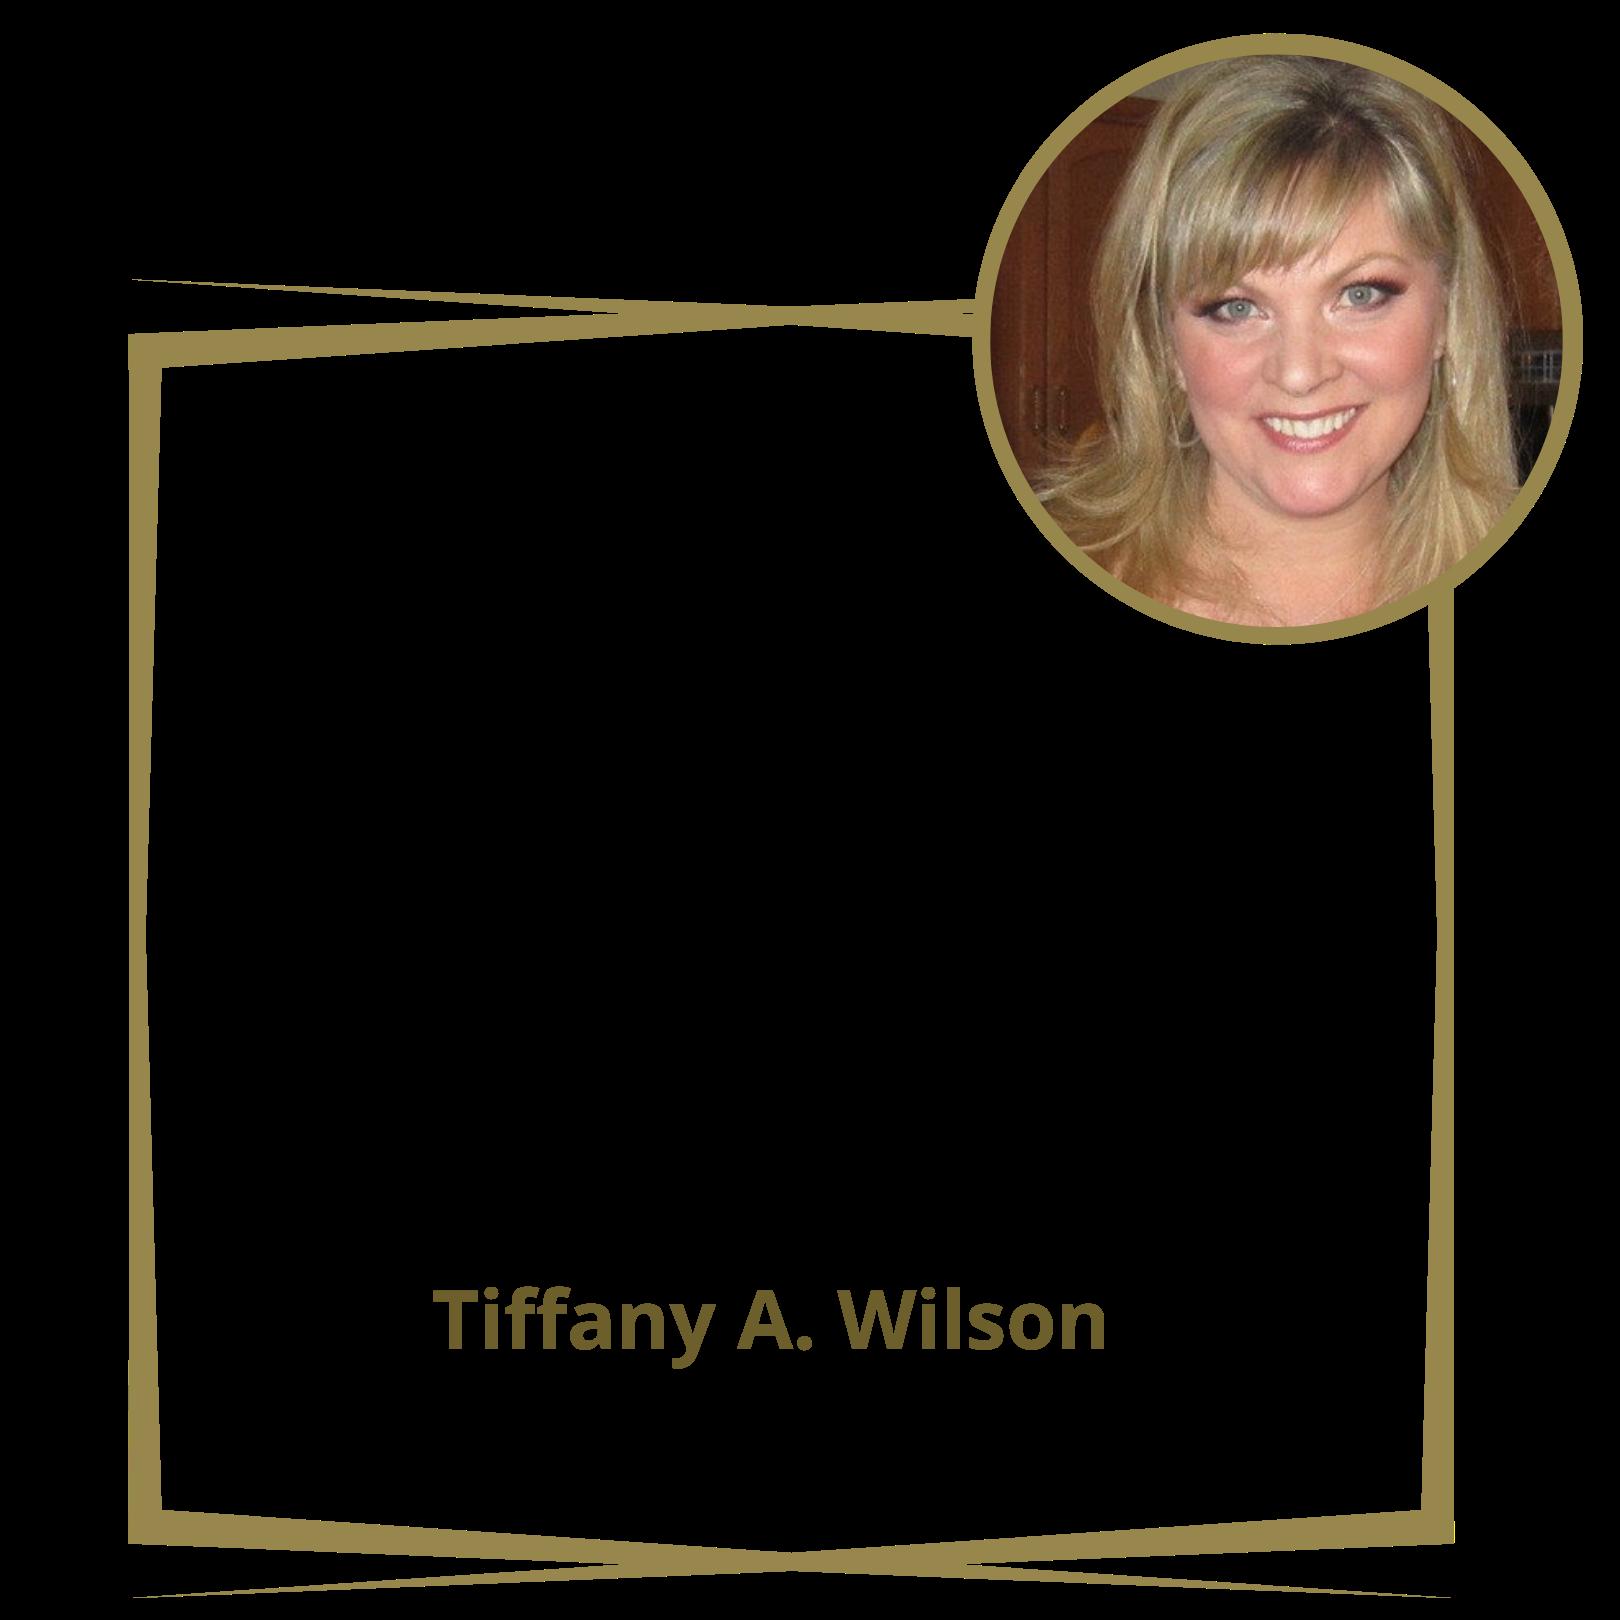 12 - Tiffany A. Wilson